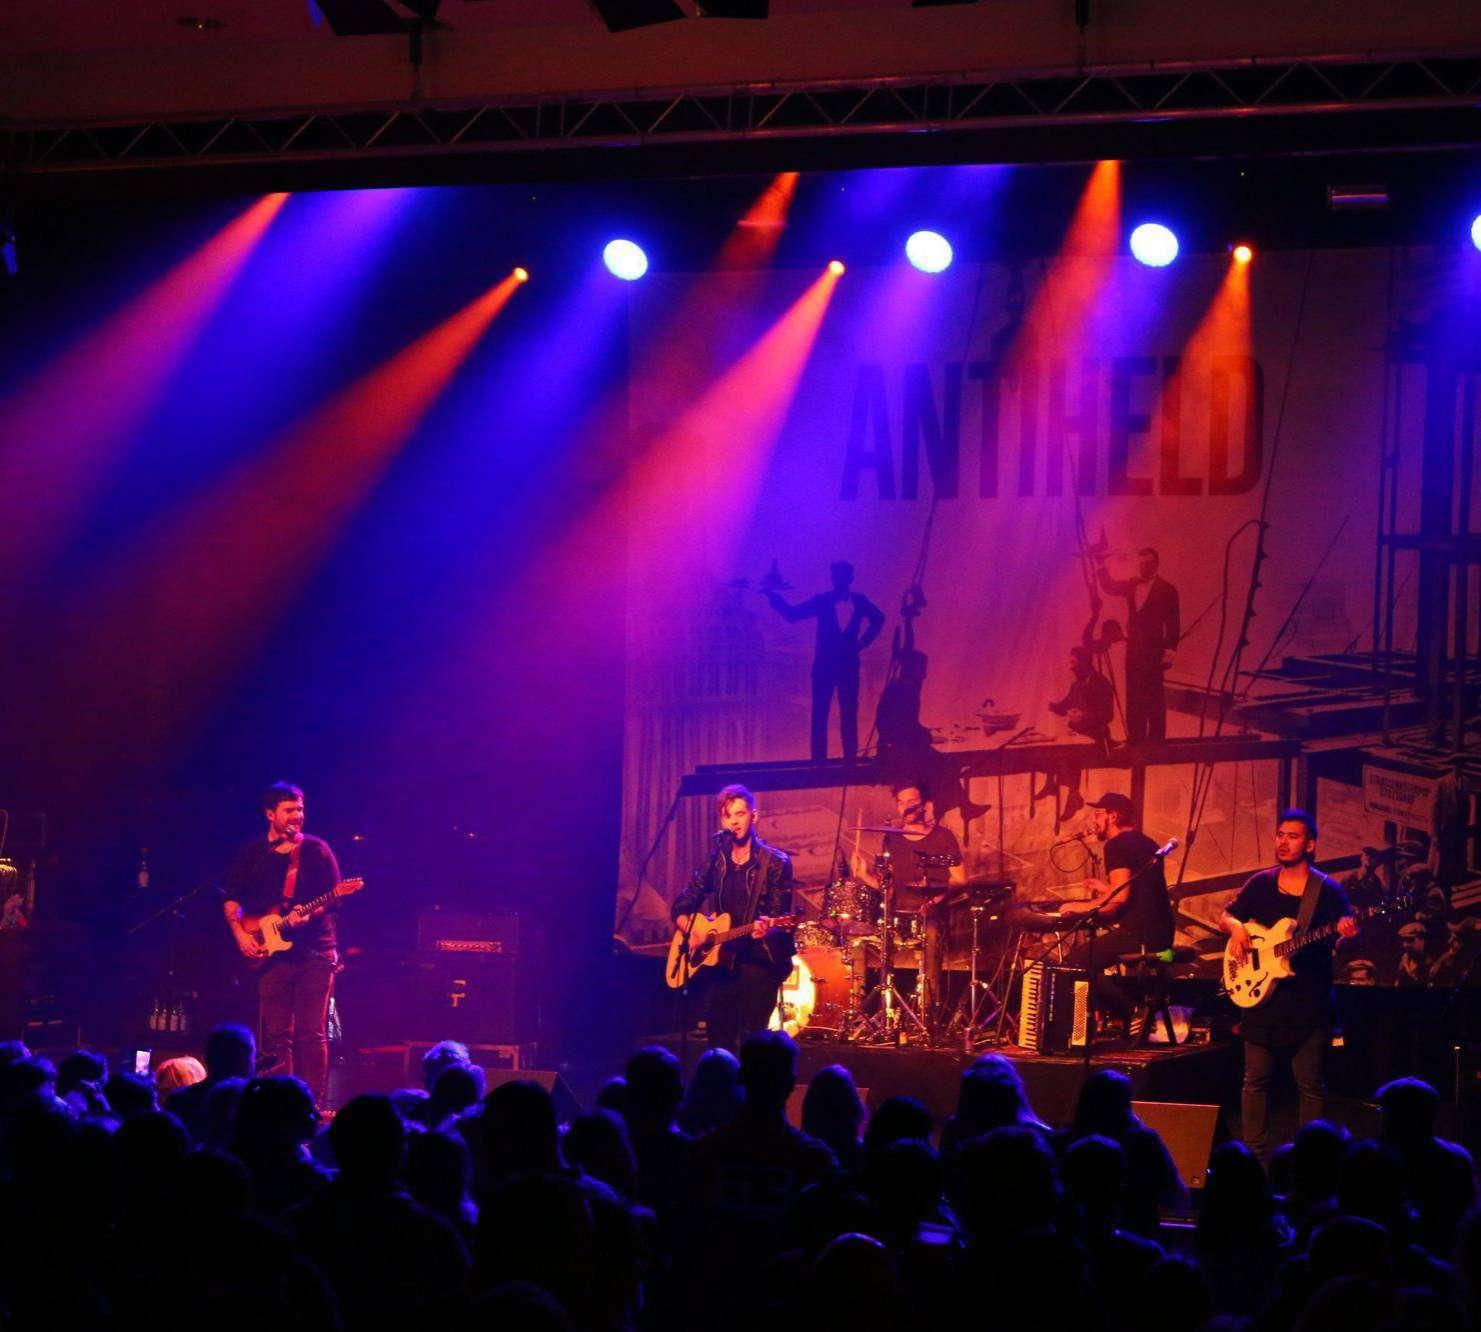 Die Band Antiheld steht, nachdem sie im vergangenen Jahr spontan eingesprungen war, erneut auf der Verdener Bühne.